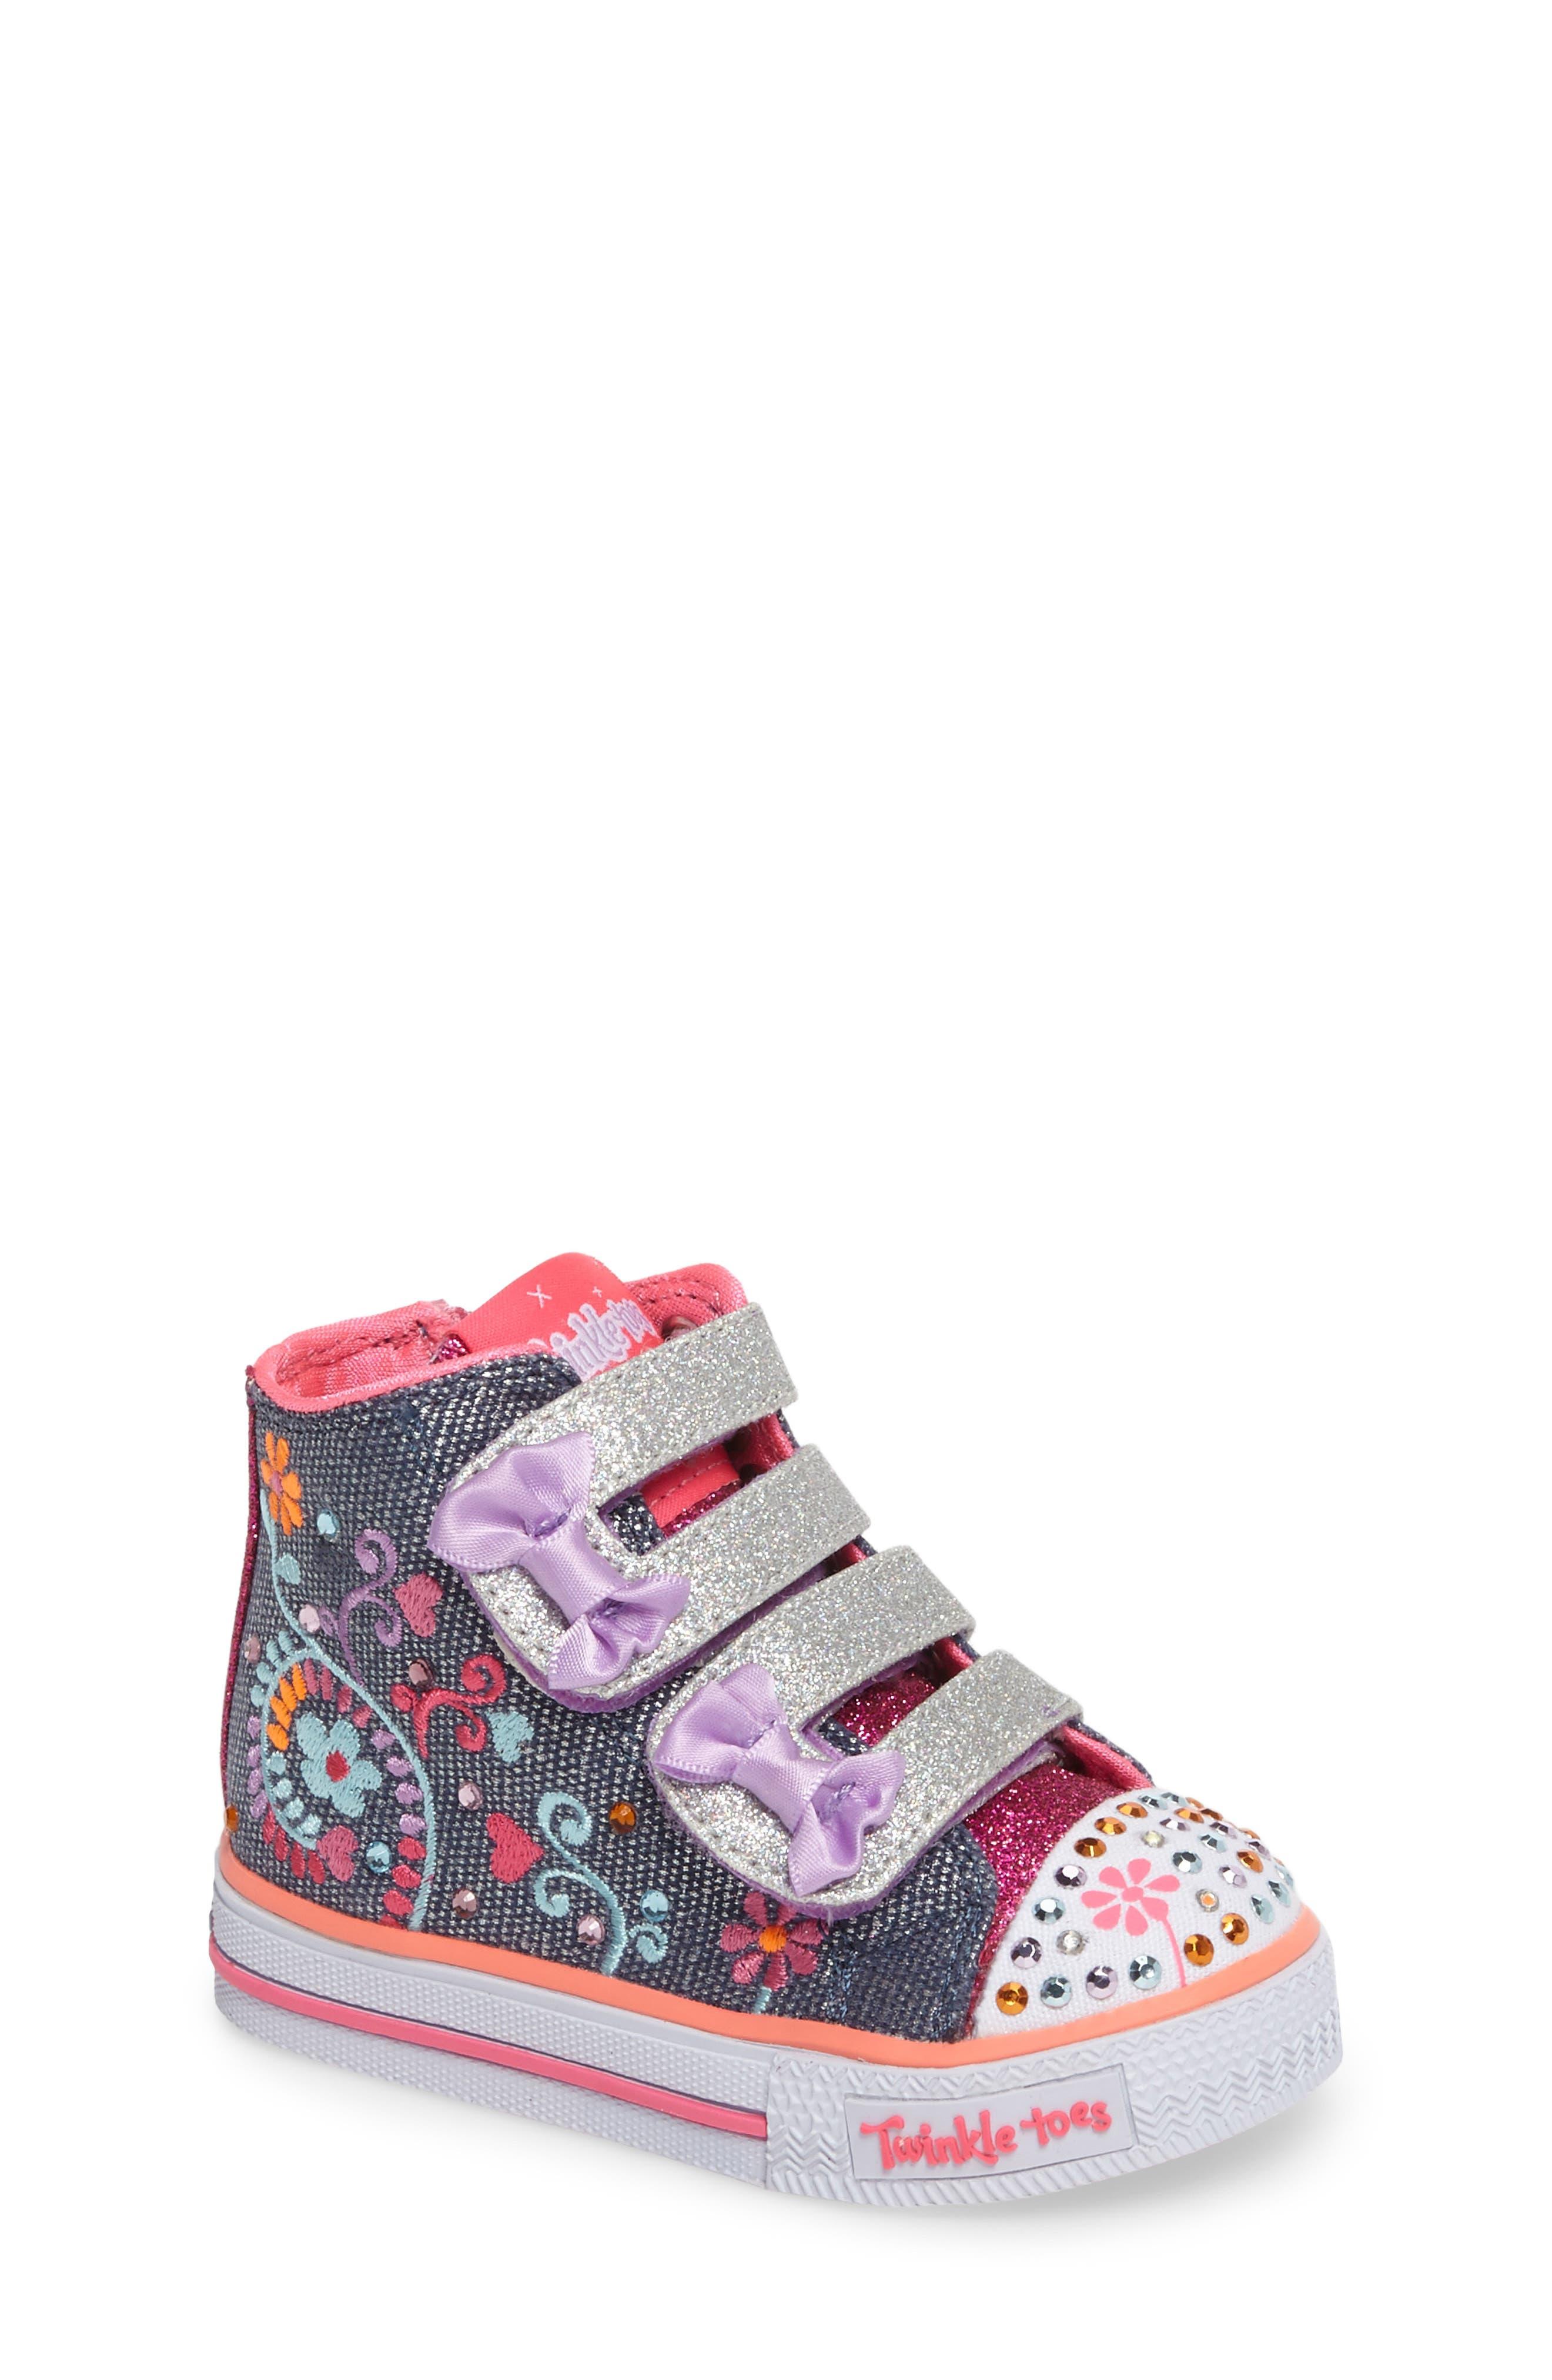 Alternate Image 1 Selected - SKECHERS Shuffles Sneaker (Walker & Toddler)